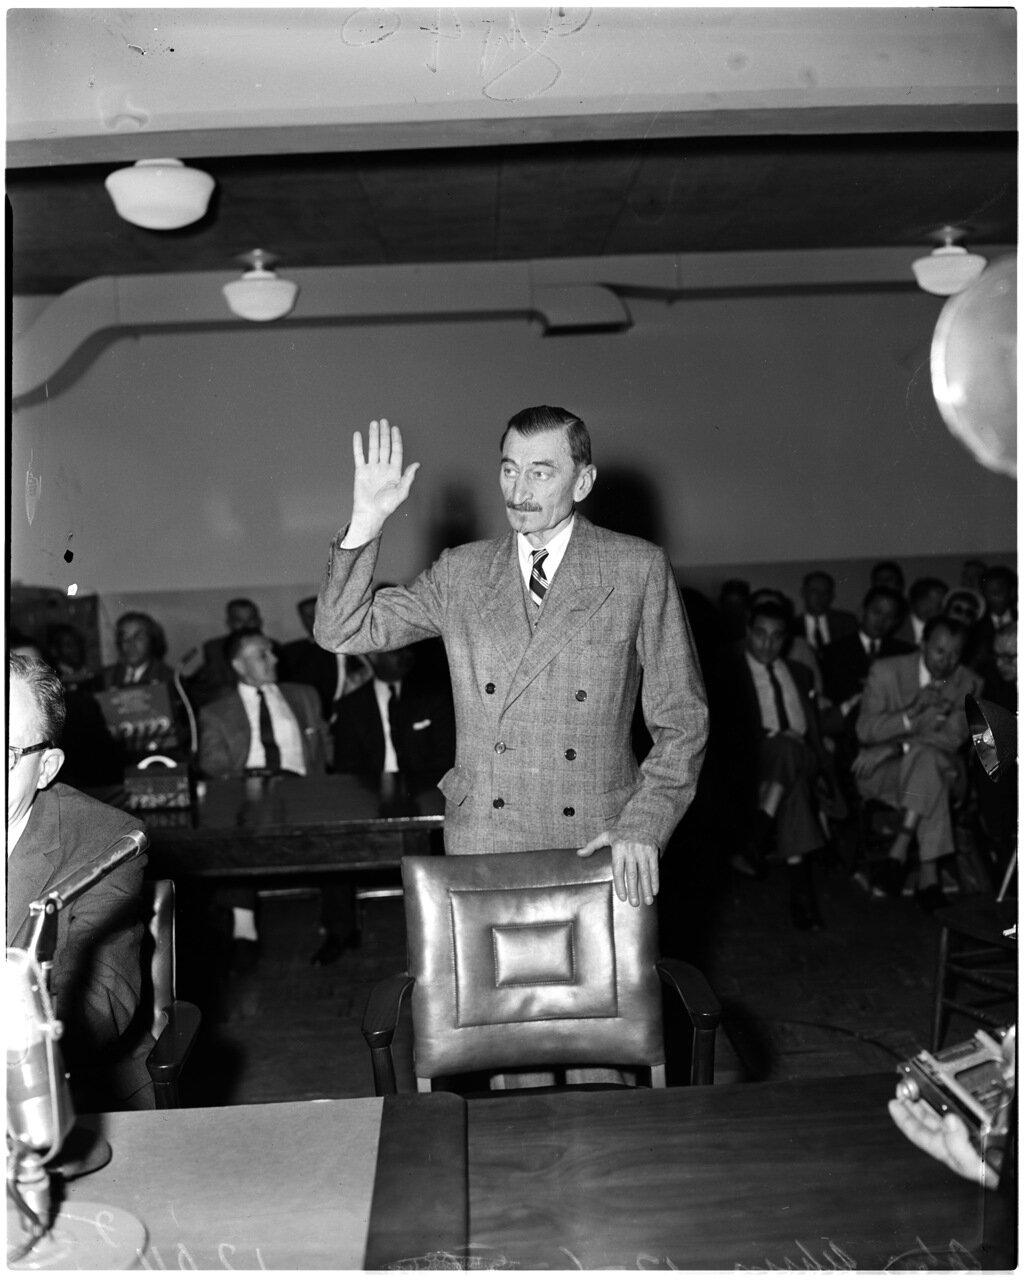 1956. 6 декабря. Комиссия по расследованию антиамериканской деятельности. Джон Ухрин под присягой